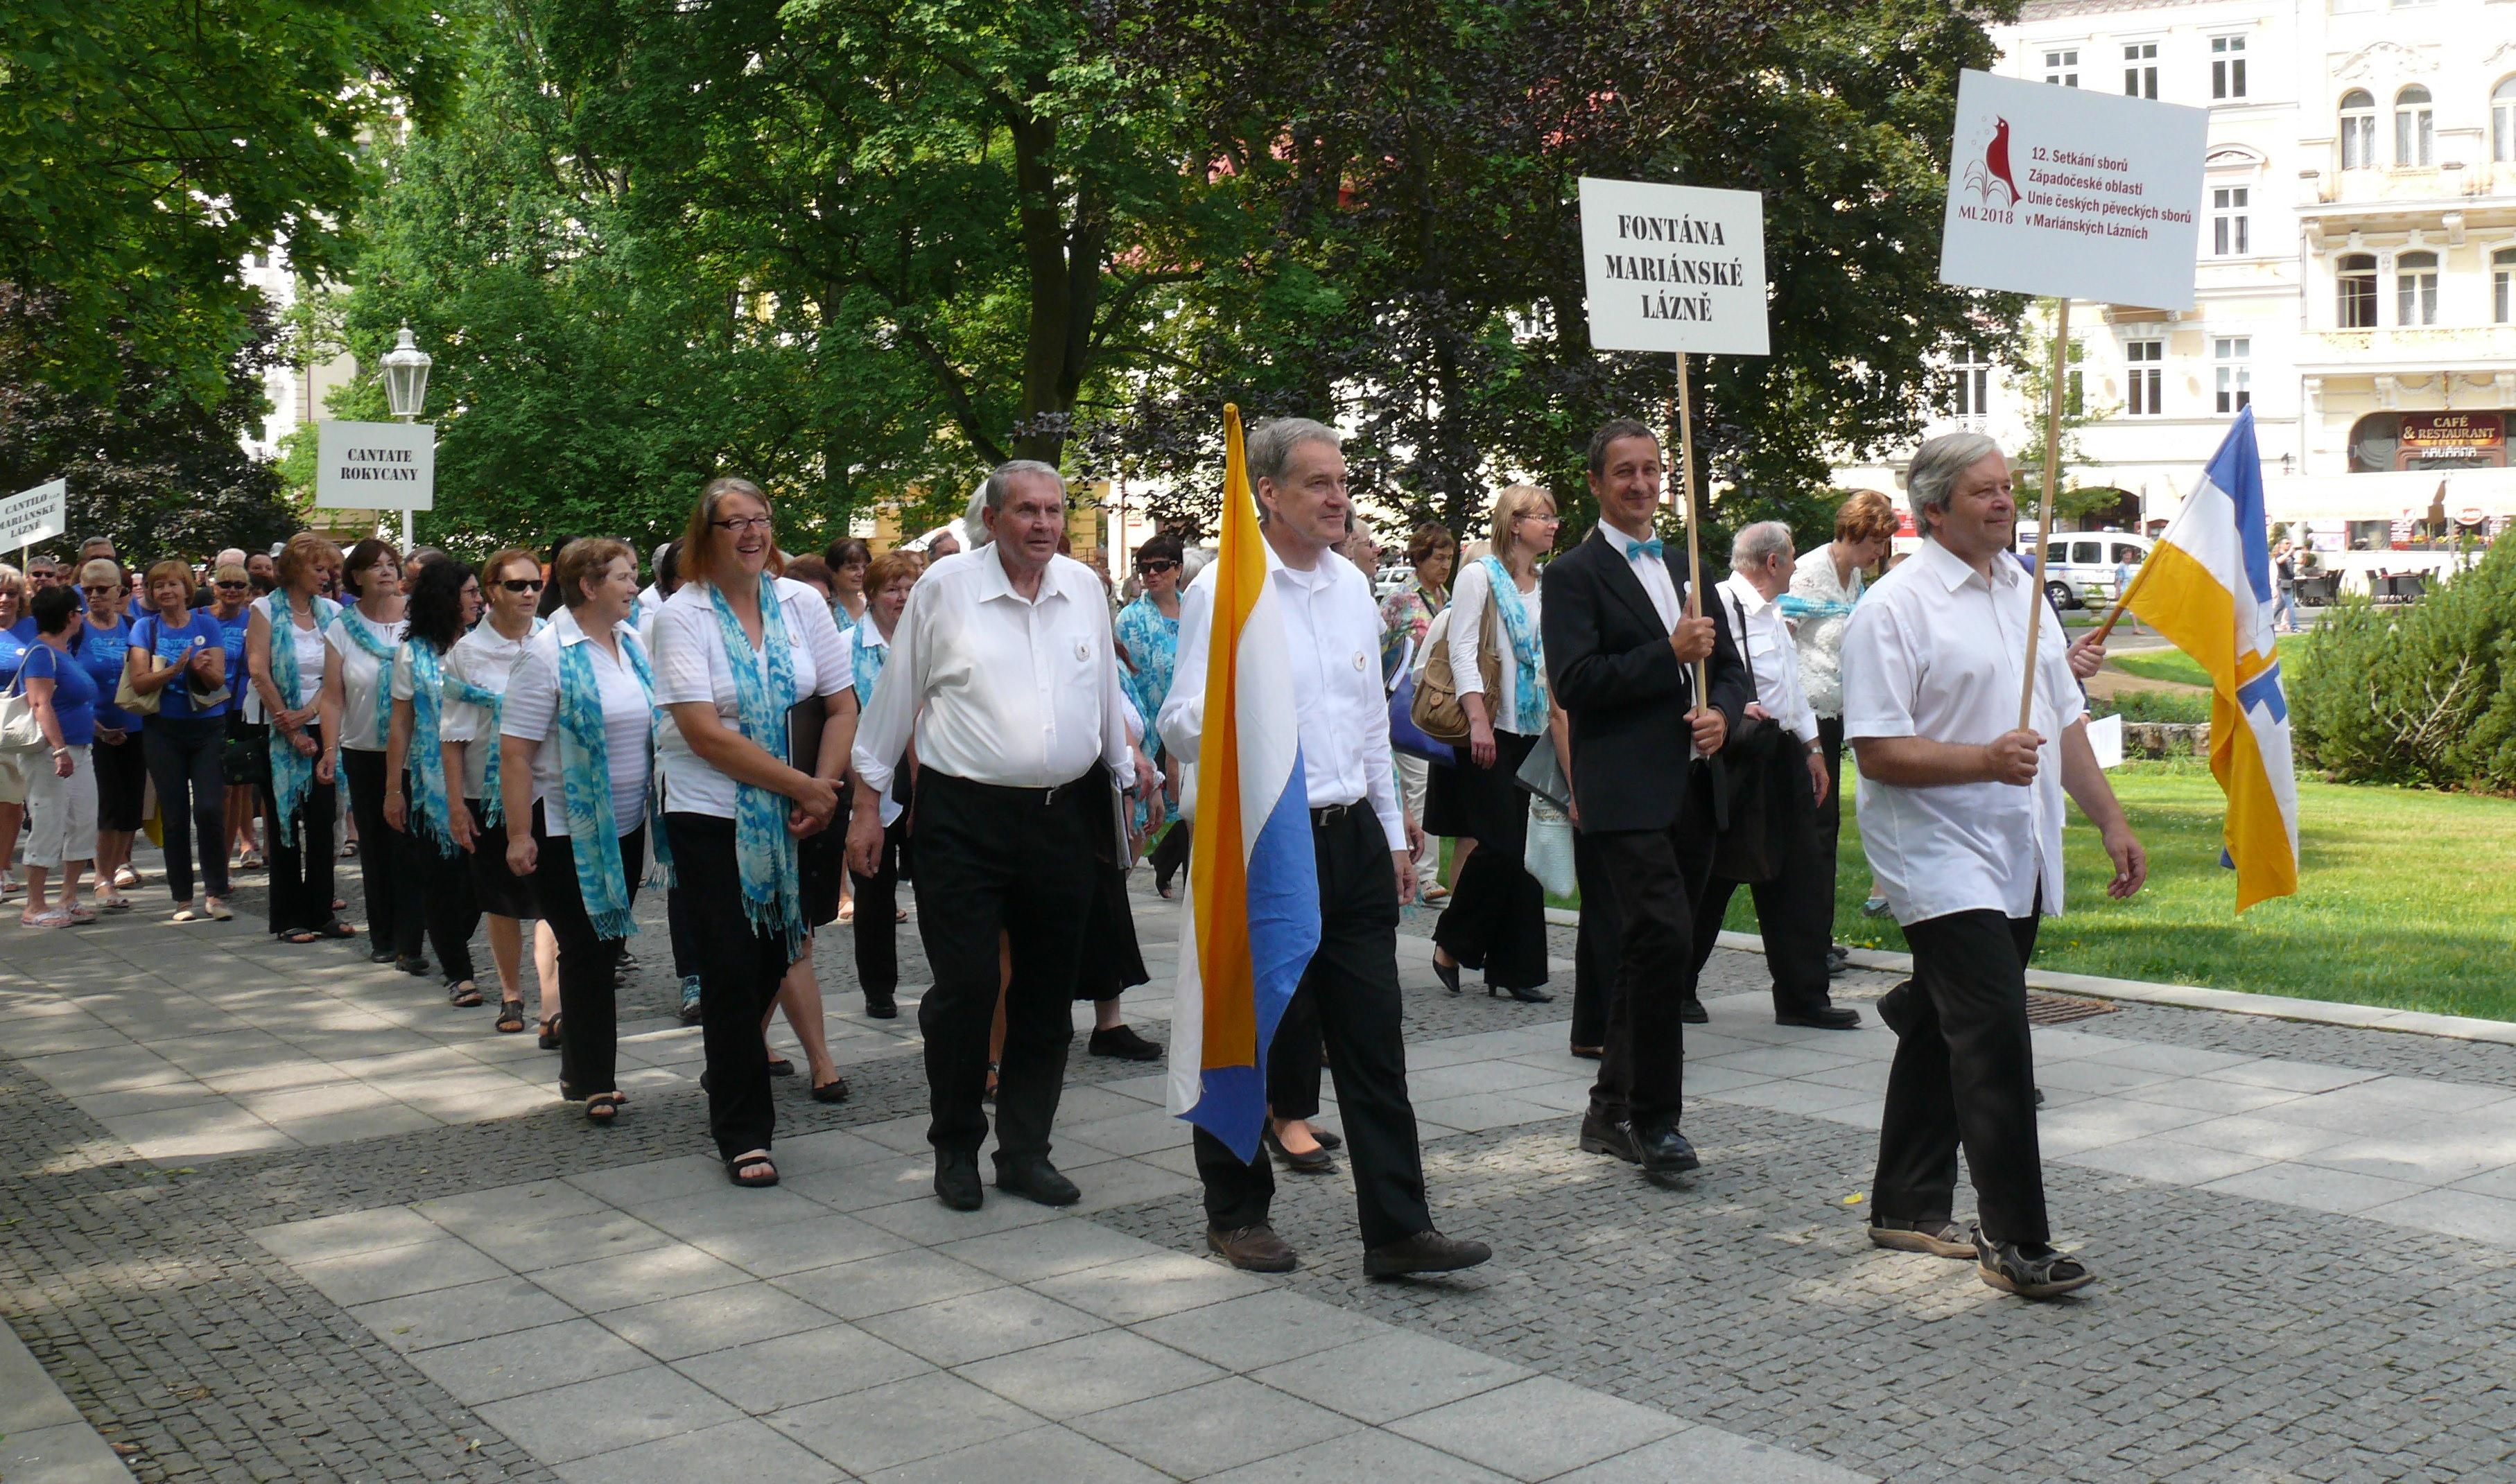 Setkání sborů: 300 hlasů rozeznělo Mariánské Lázně